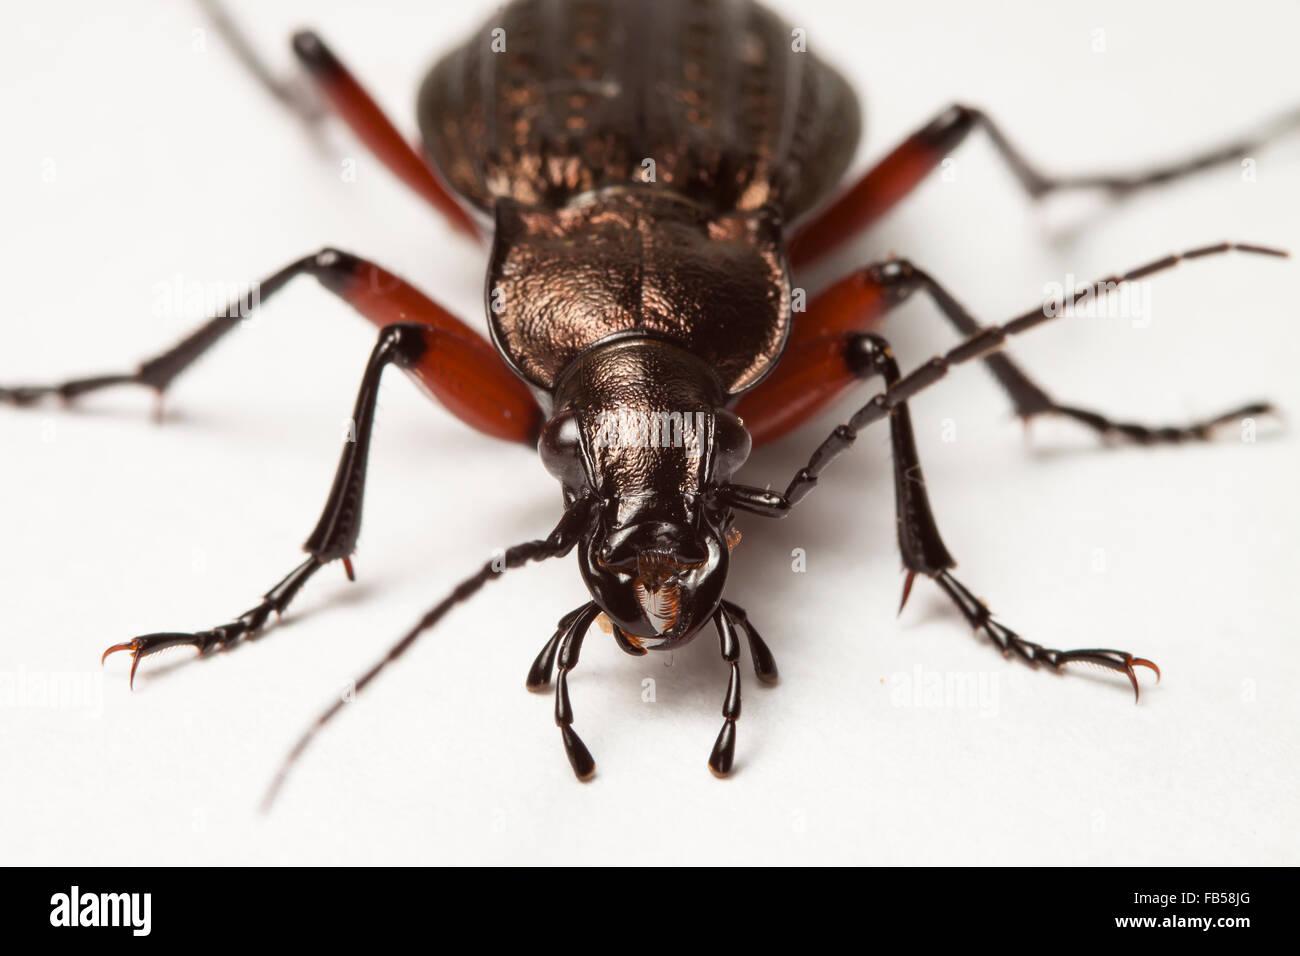 Escarabajo de tierra viva Imagen De Stock